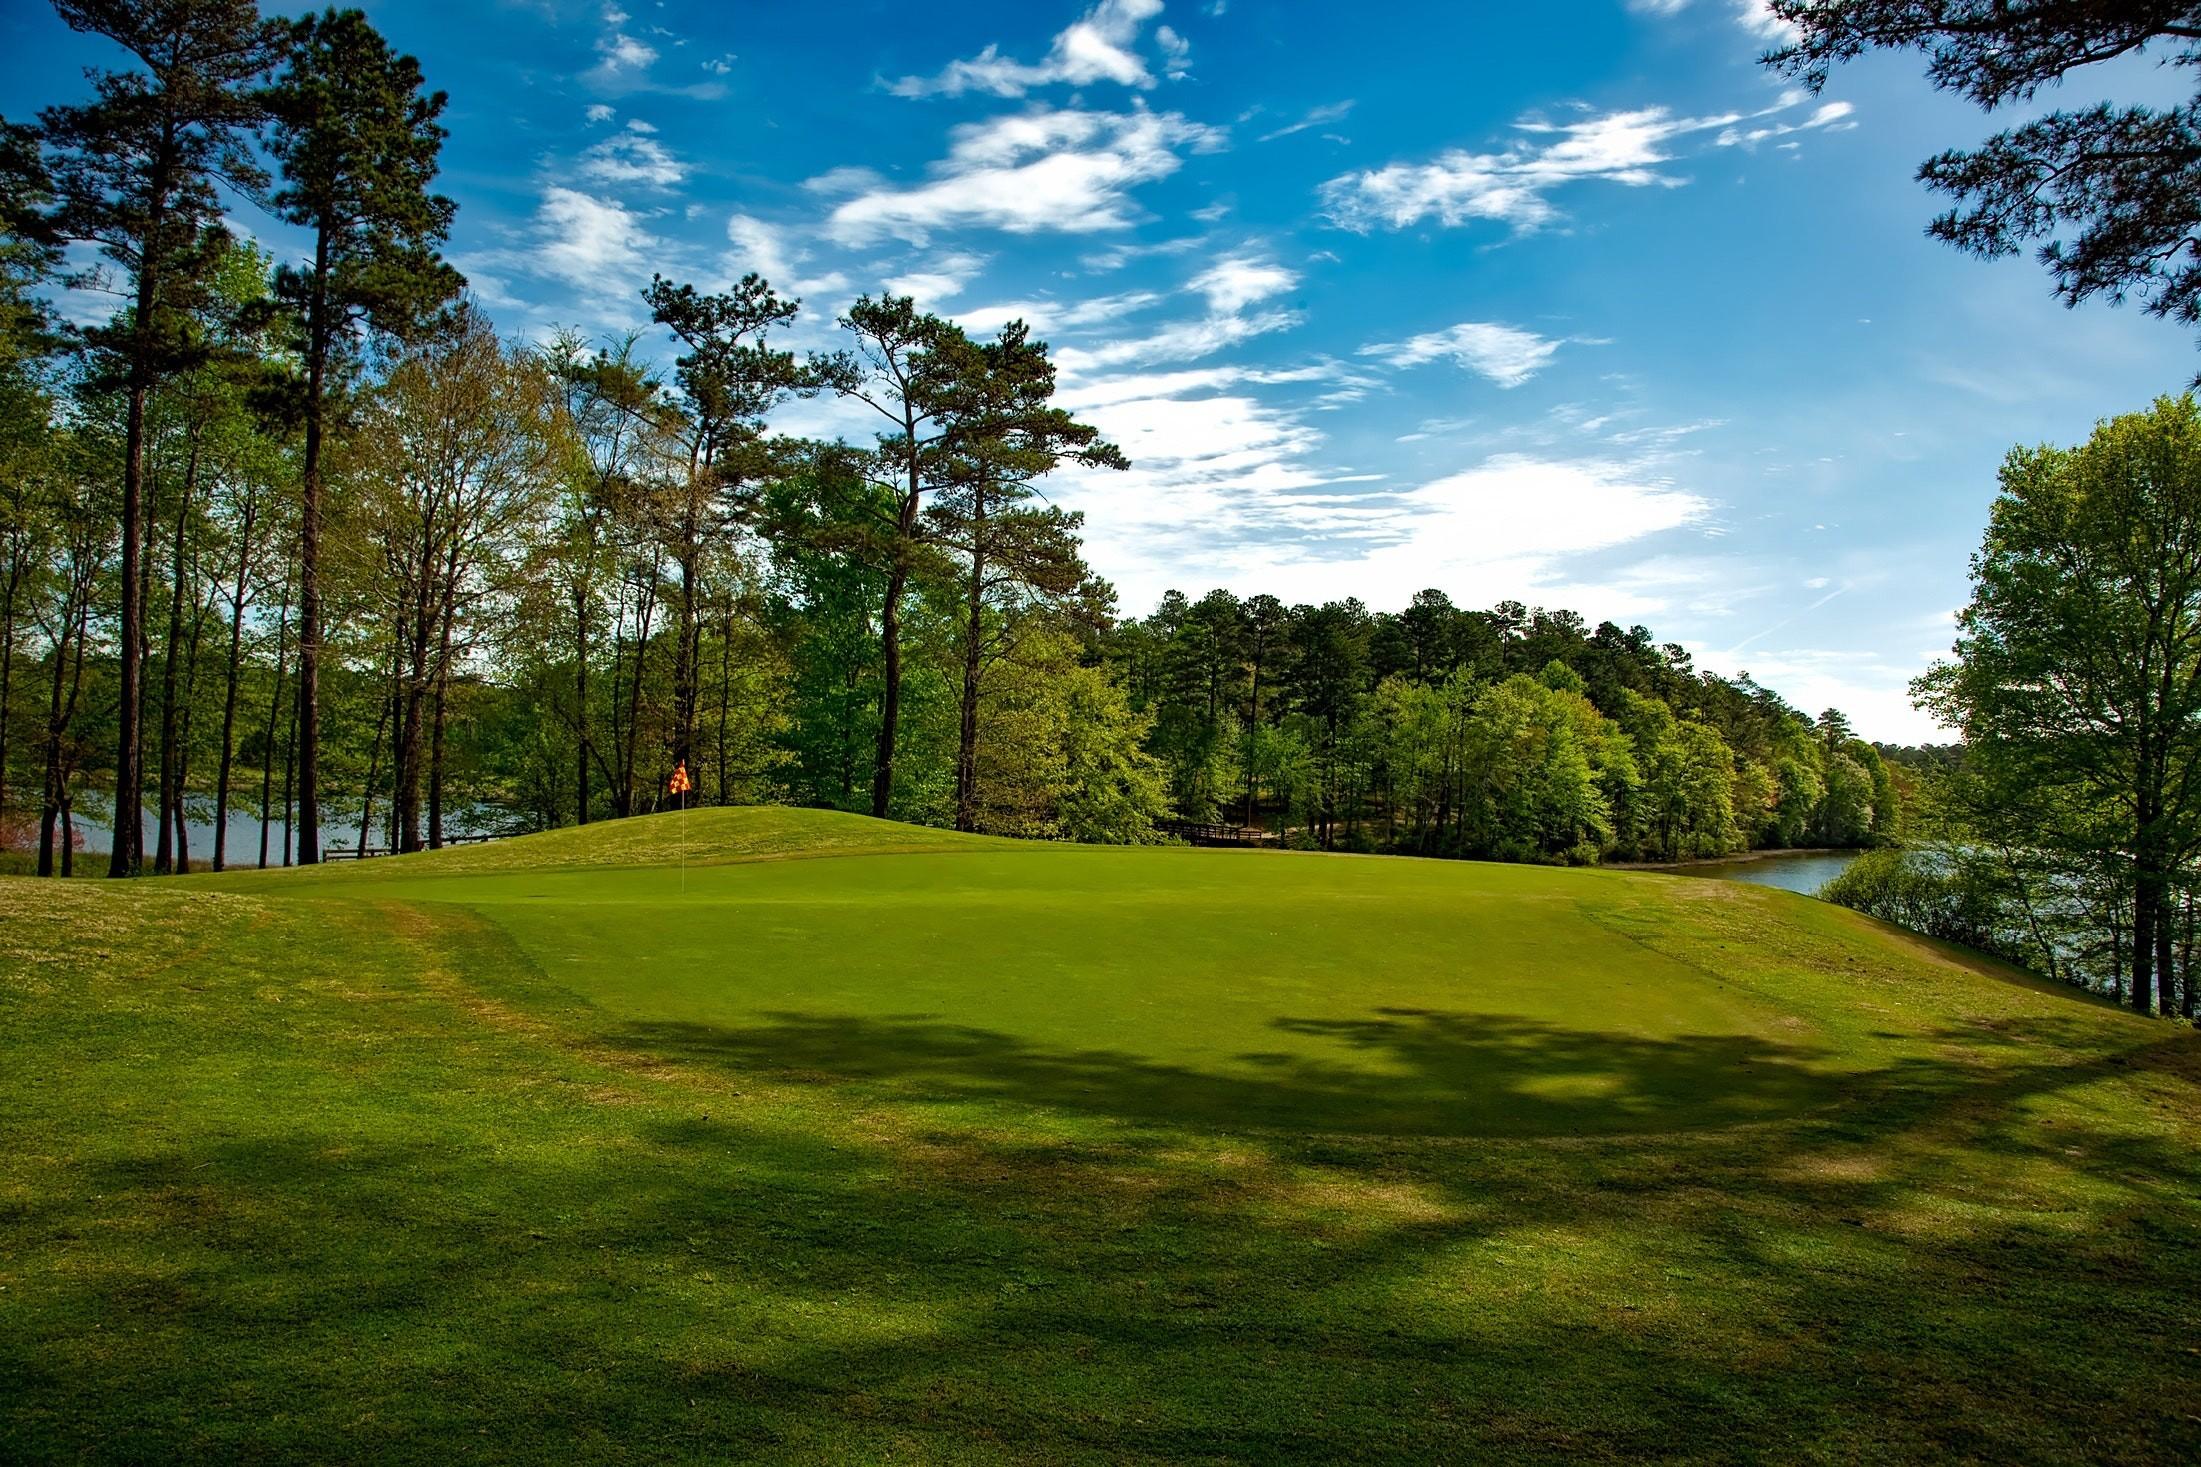 AGI Concepts - Golf Greens